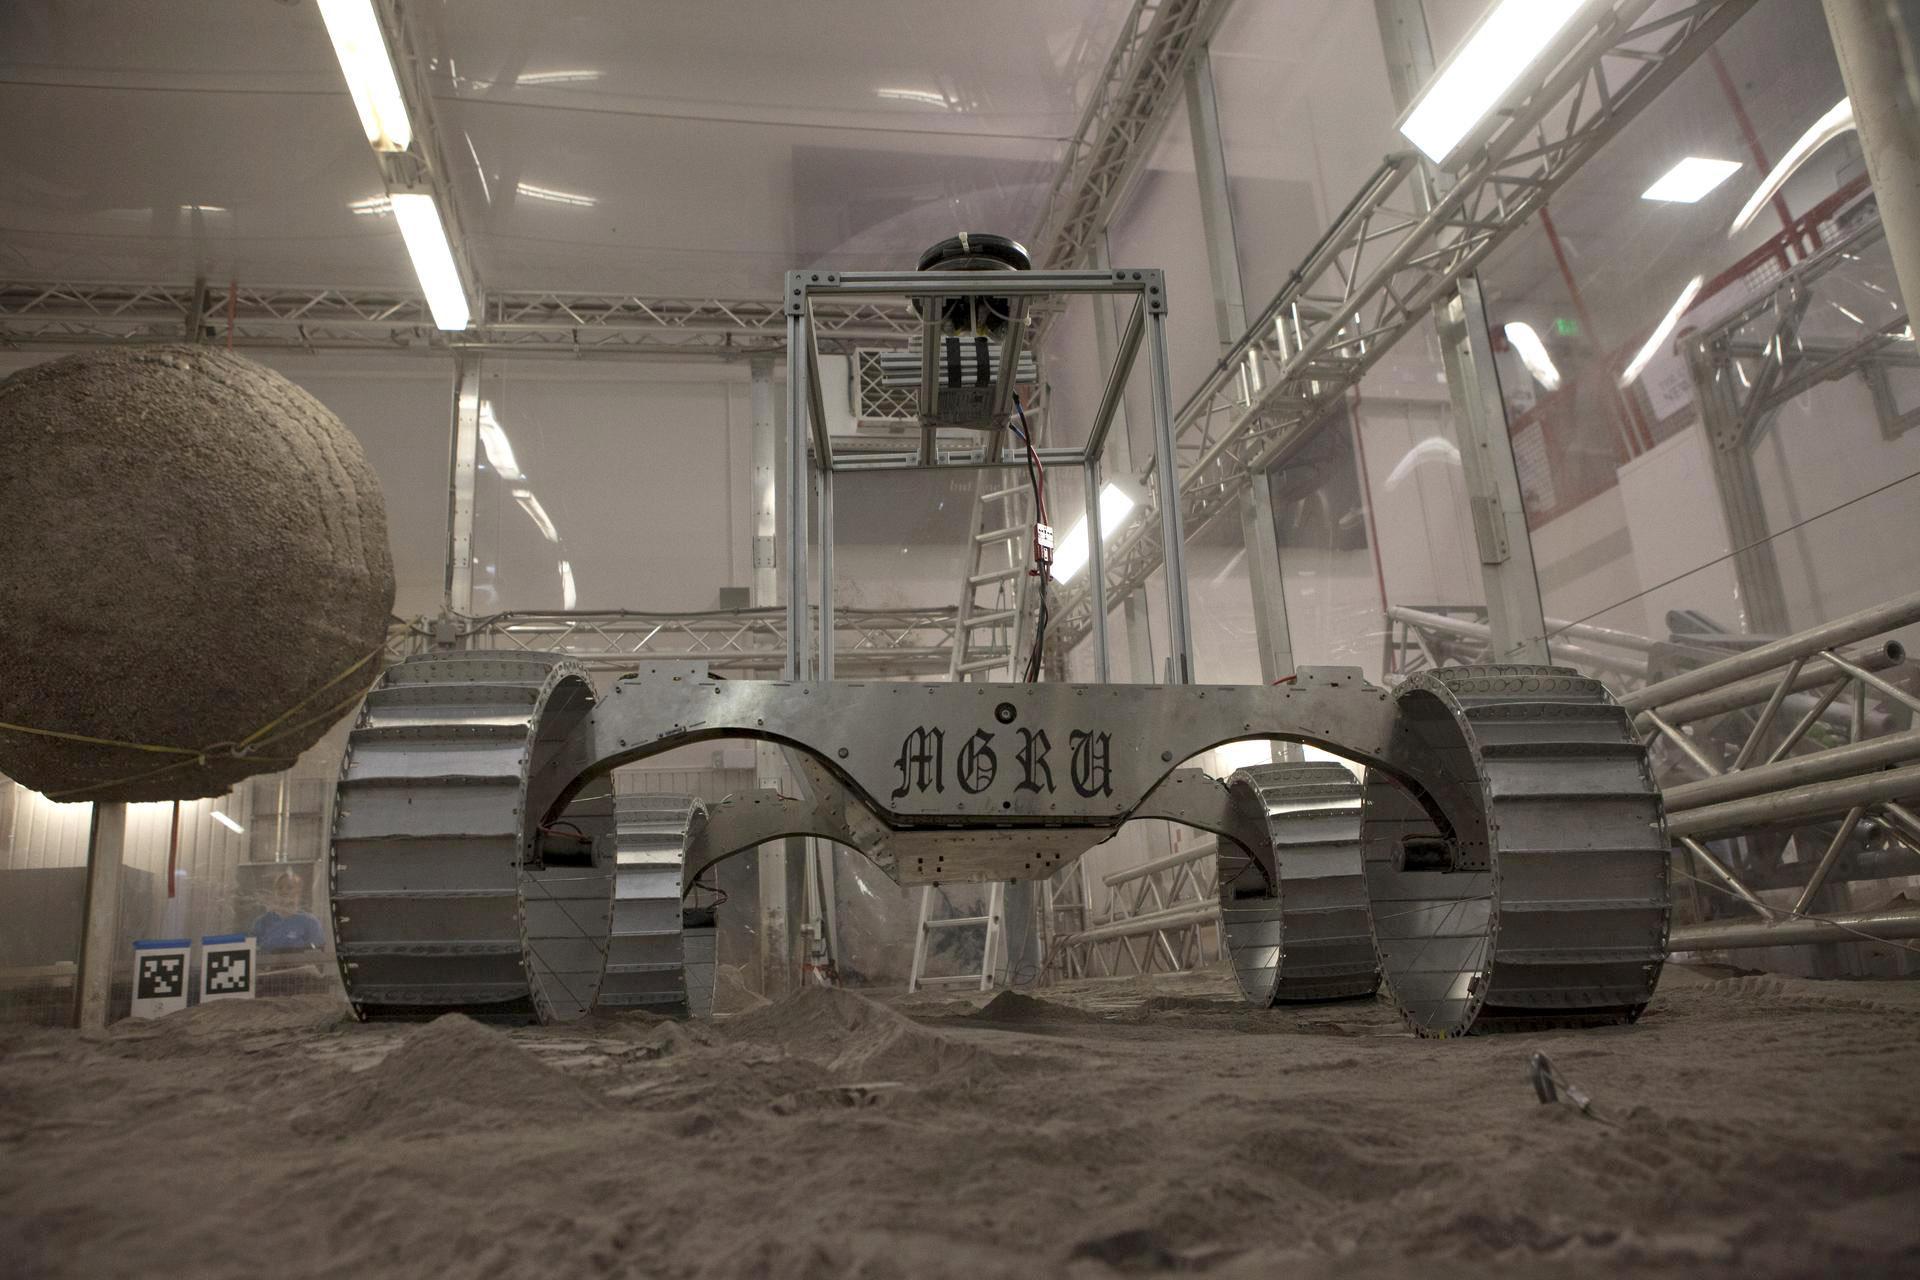 Un simulador de la NASA en un espacio del Kennedy Space Center en Florida (Cortesía: Kennedy Space Center)